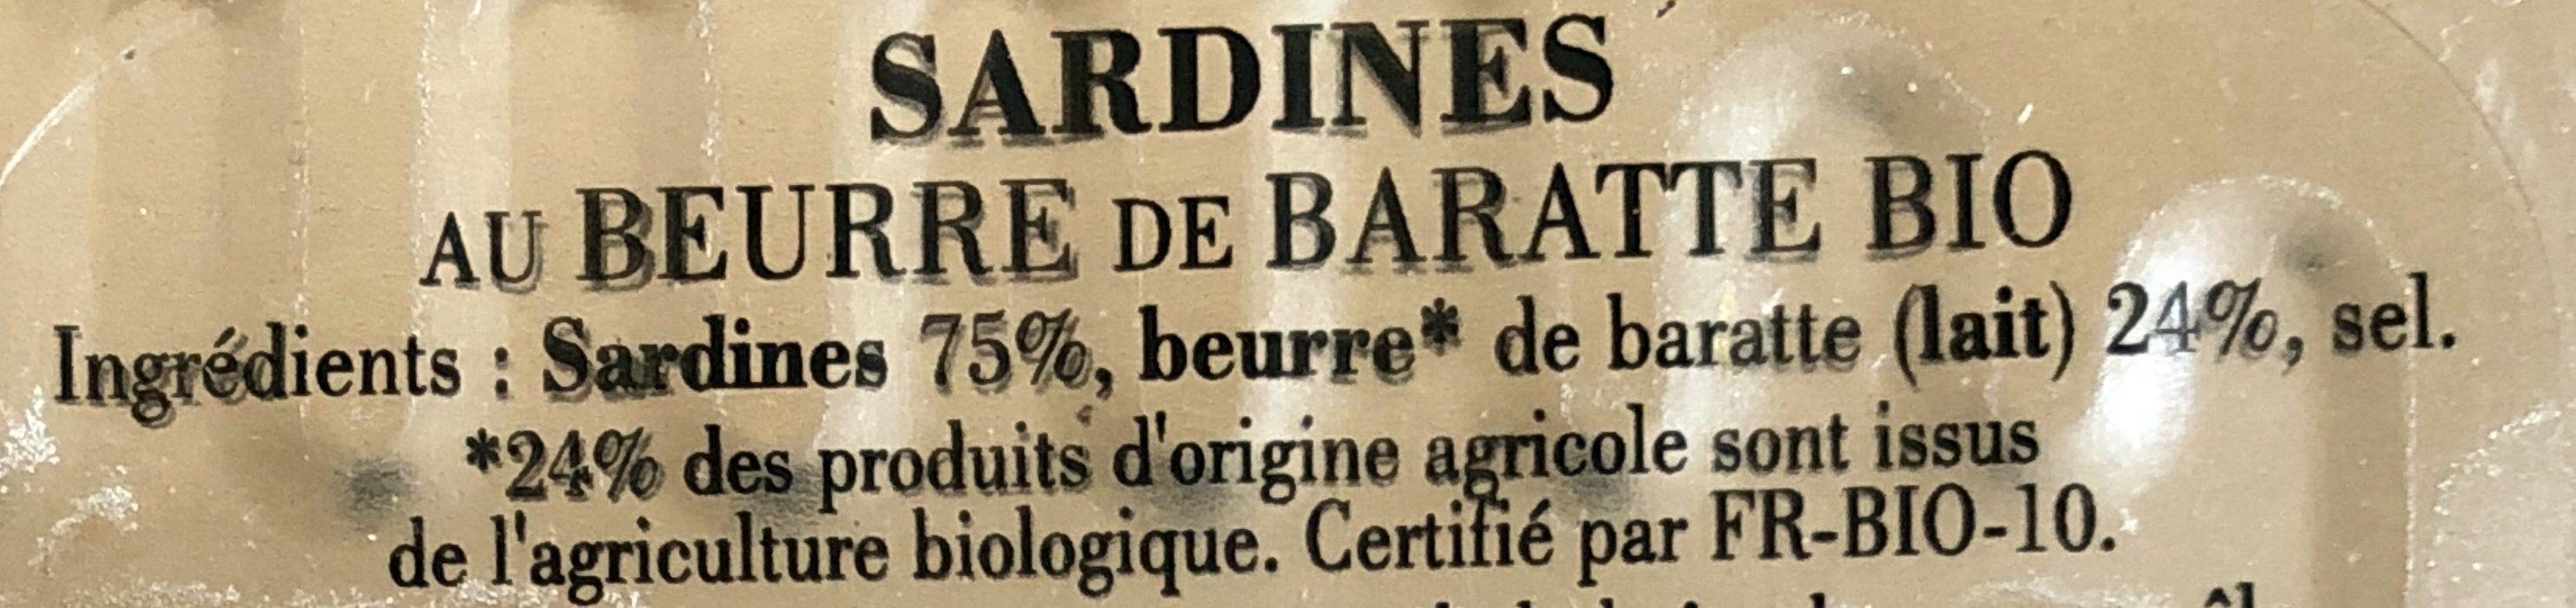 Sardines au Beurre de Baratte Bio - Ingrédients - fr